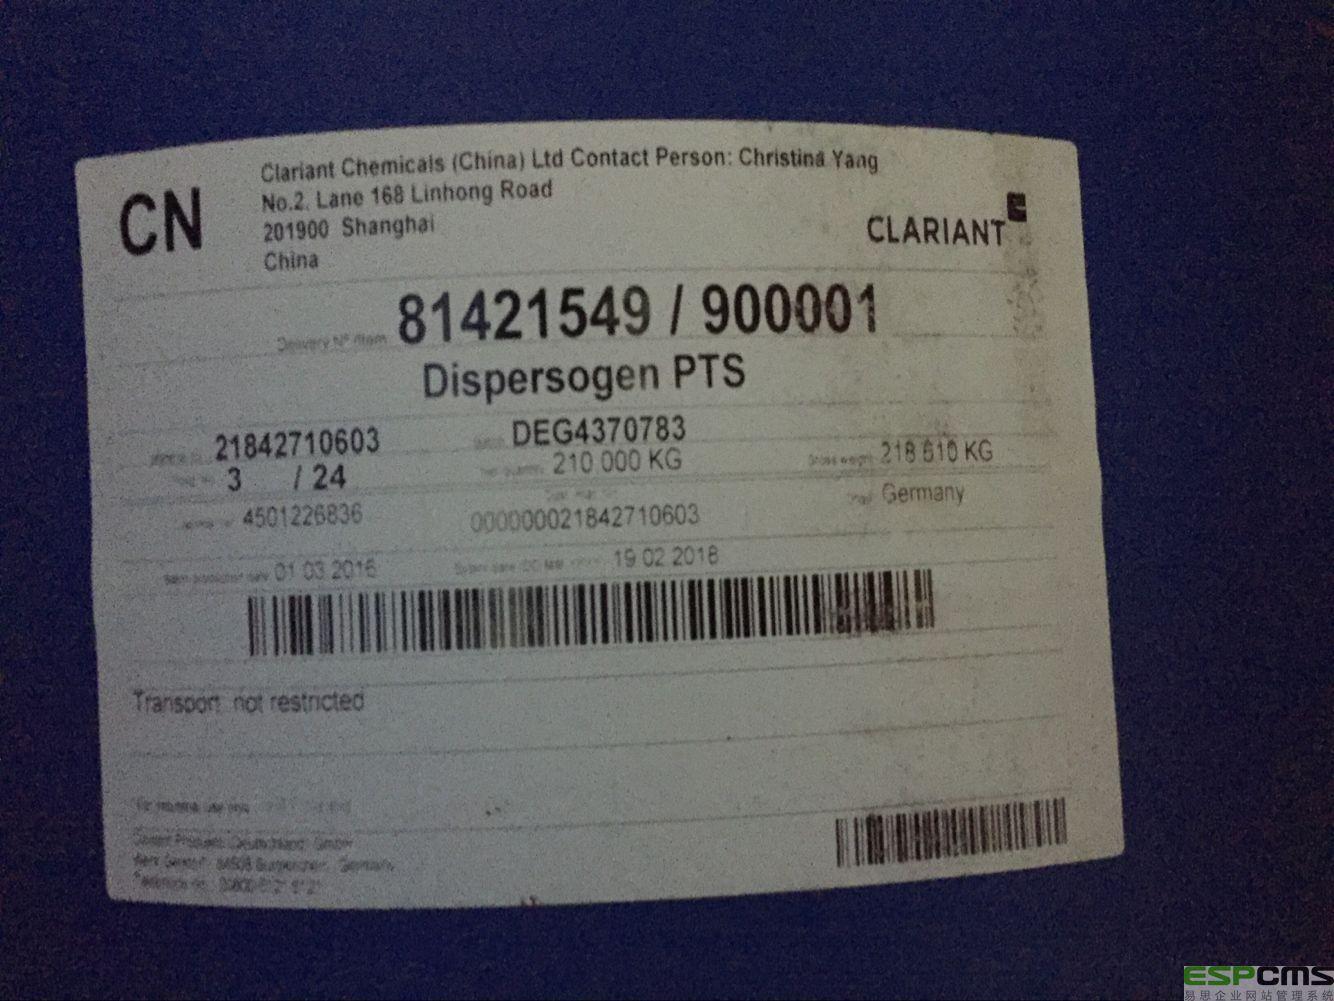 科莱恩 分散剂Dispersogen  PCE